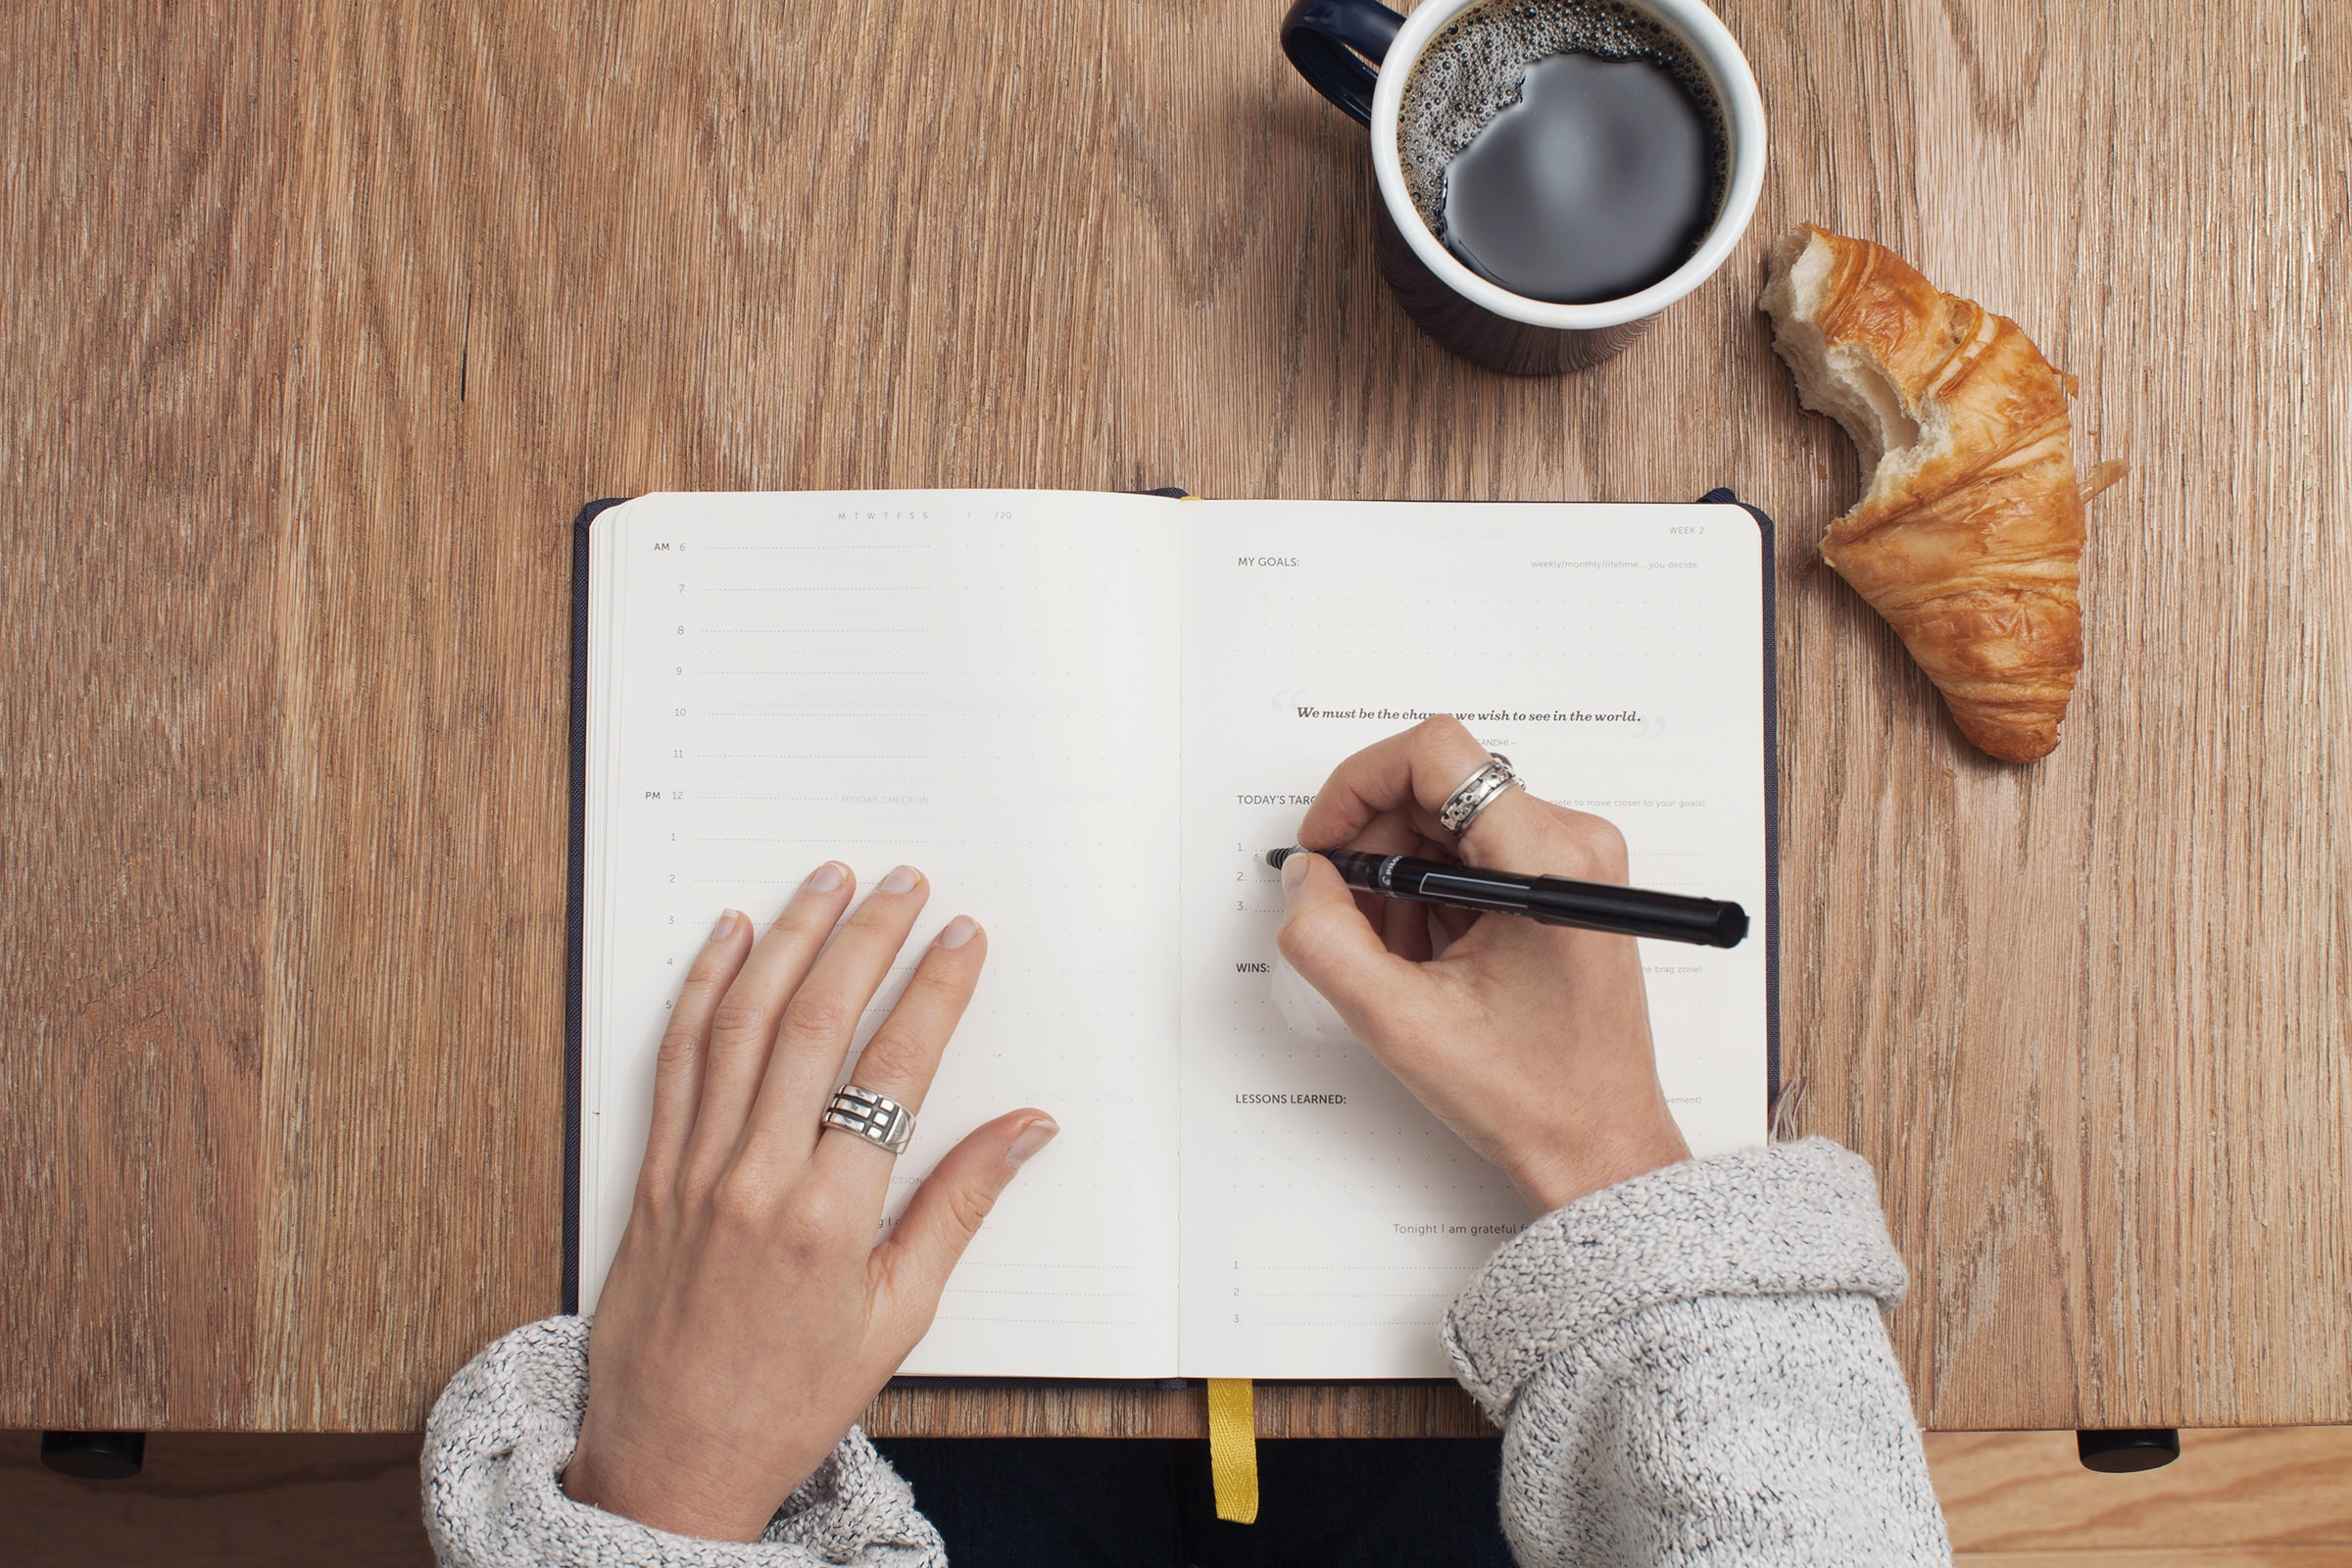 Ontspullen voor en na | Tidy Minds over minimalisme, ontspullen en bewust leven